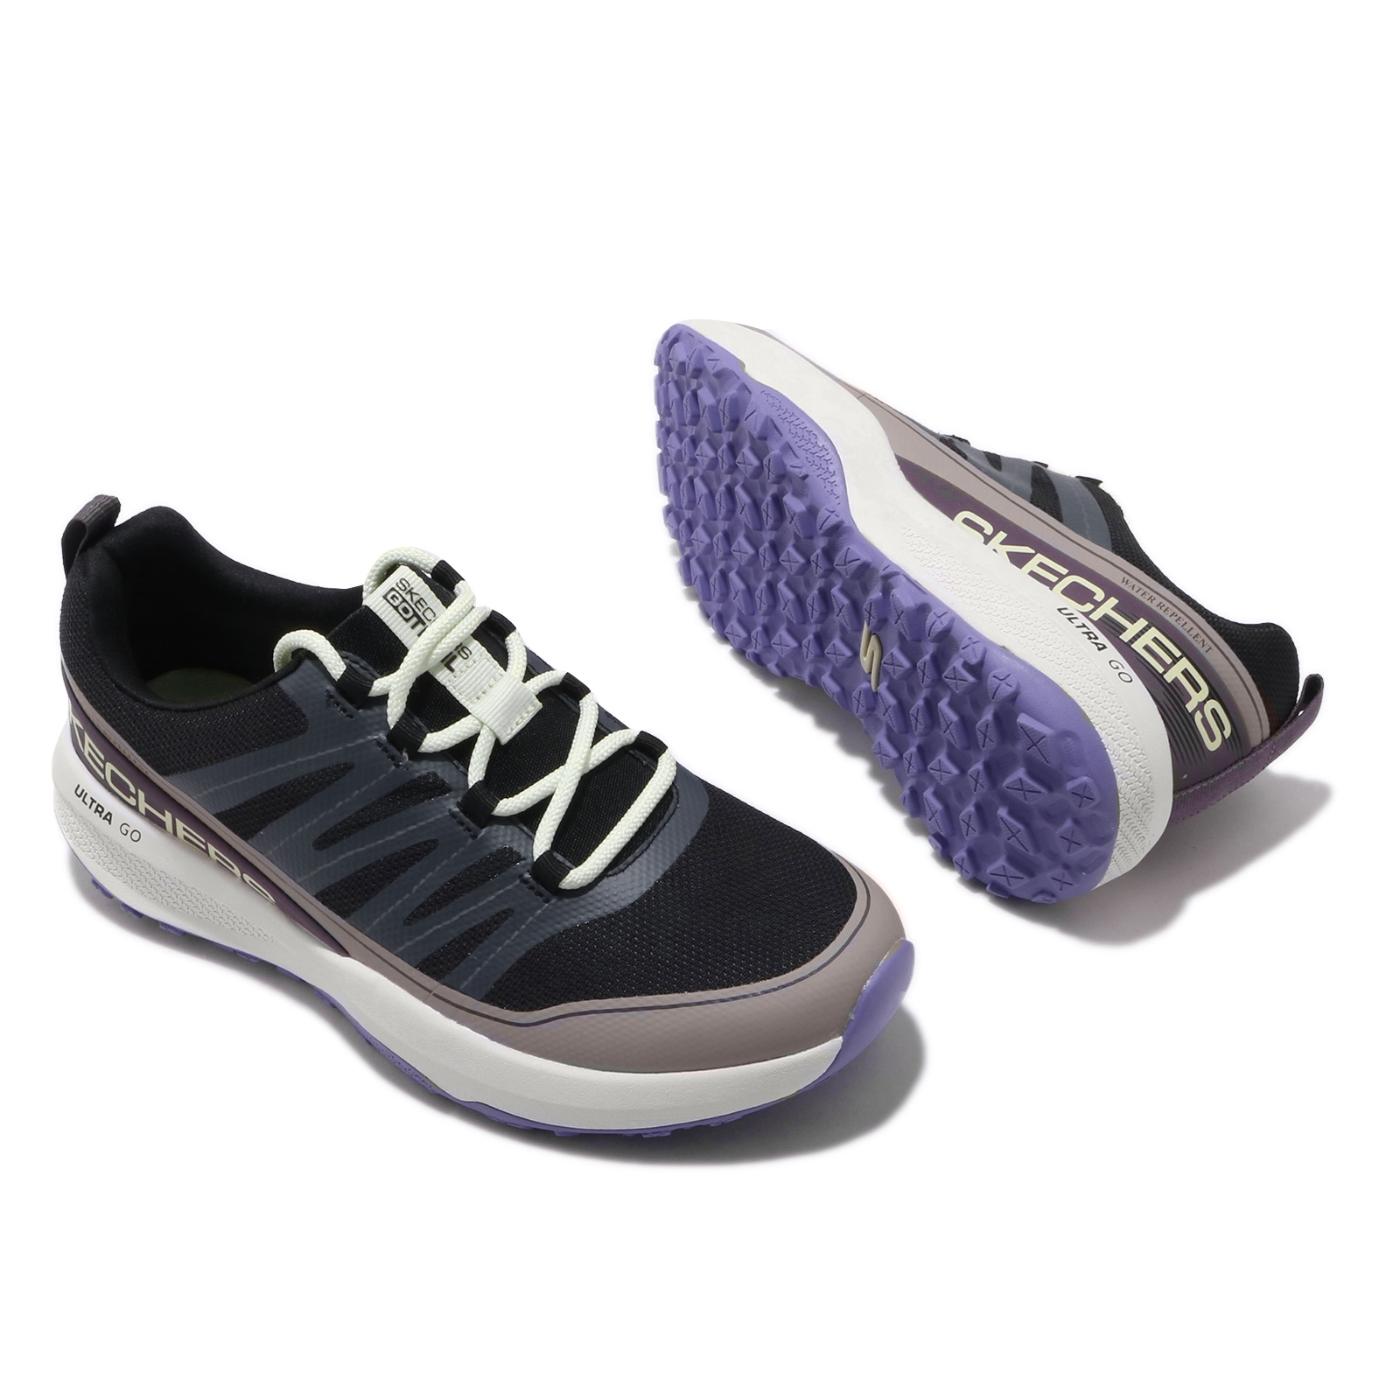 Skechers 野跑鞋 Go Trail Jackrabbit 女鞋 戶外 越野大底 耐磨 透氣 運動休閒 黑 紫 128067BKMT